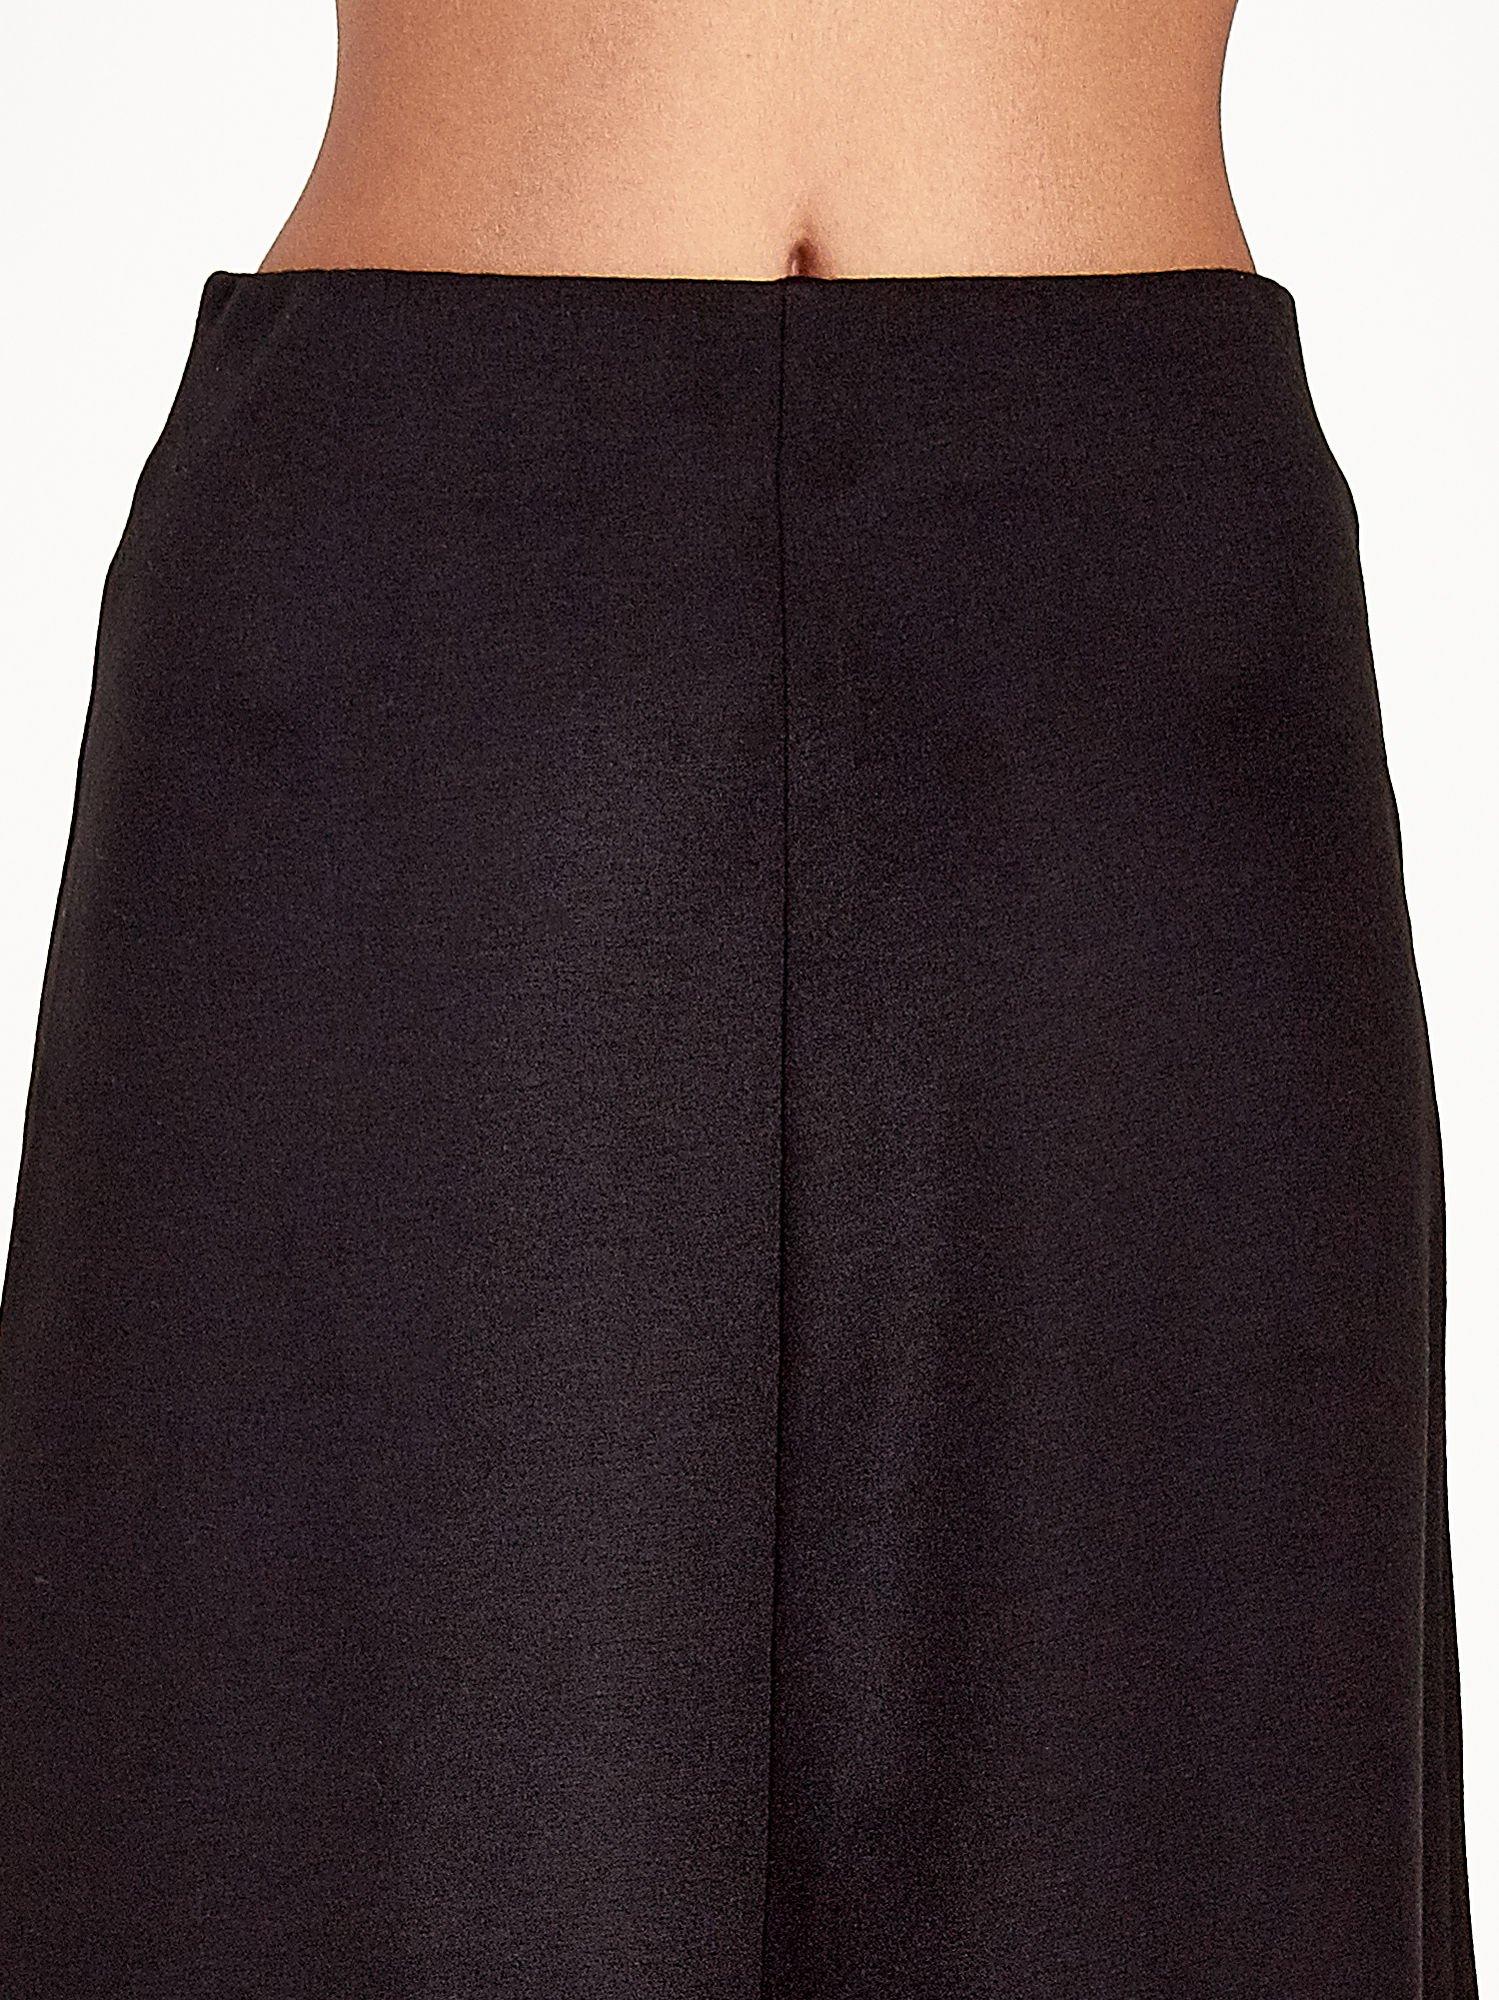 Czarna elegancka spódnica midi o rozkloszowanym kroju                                  zdj.                                  5